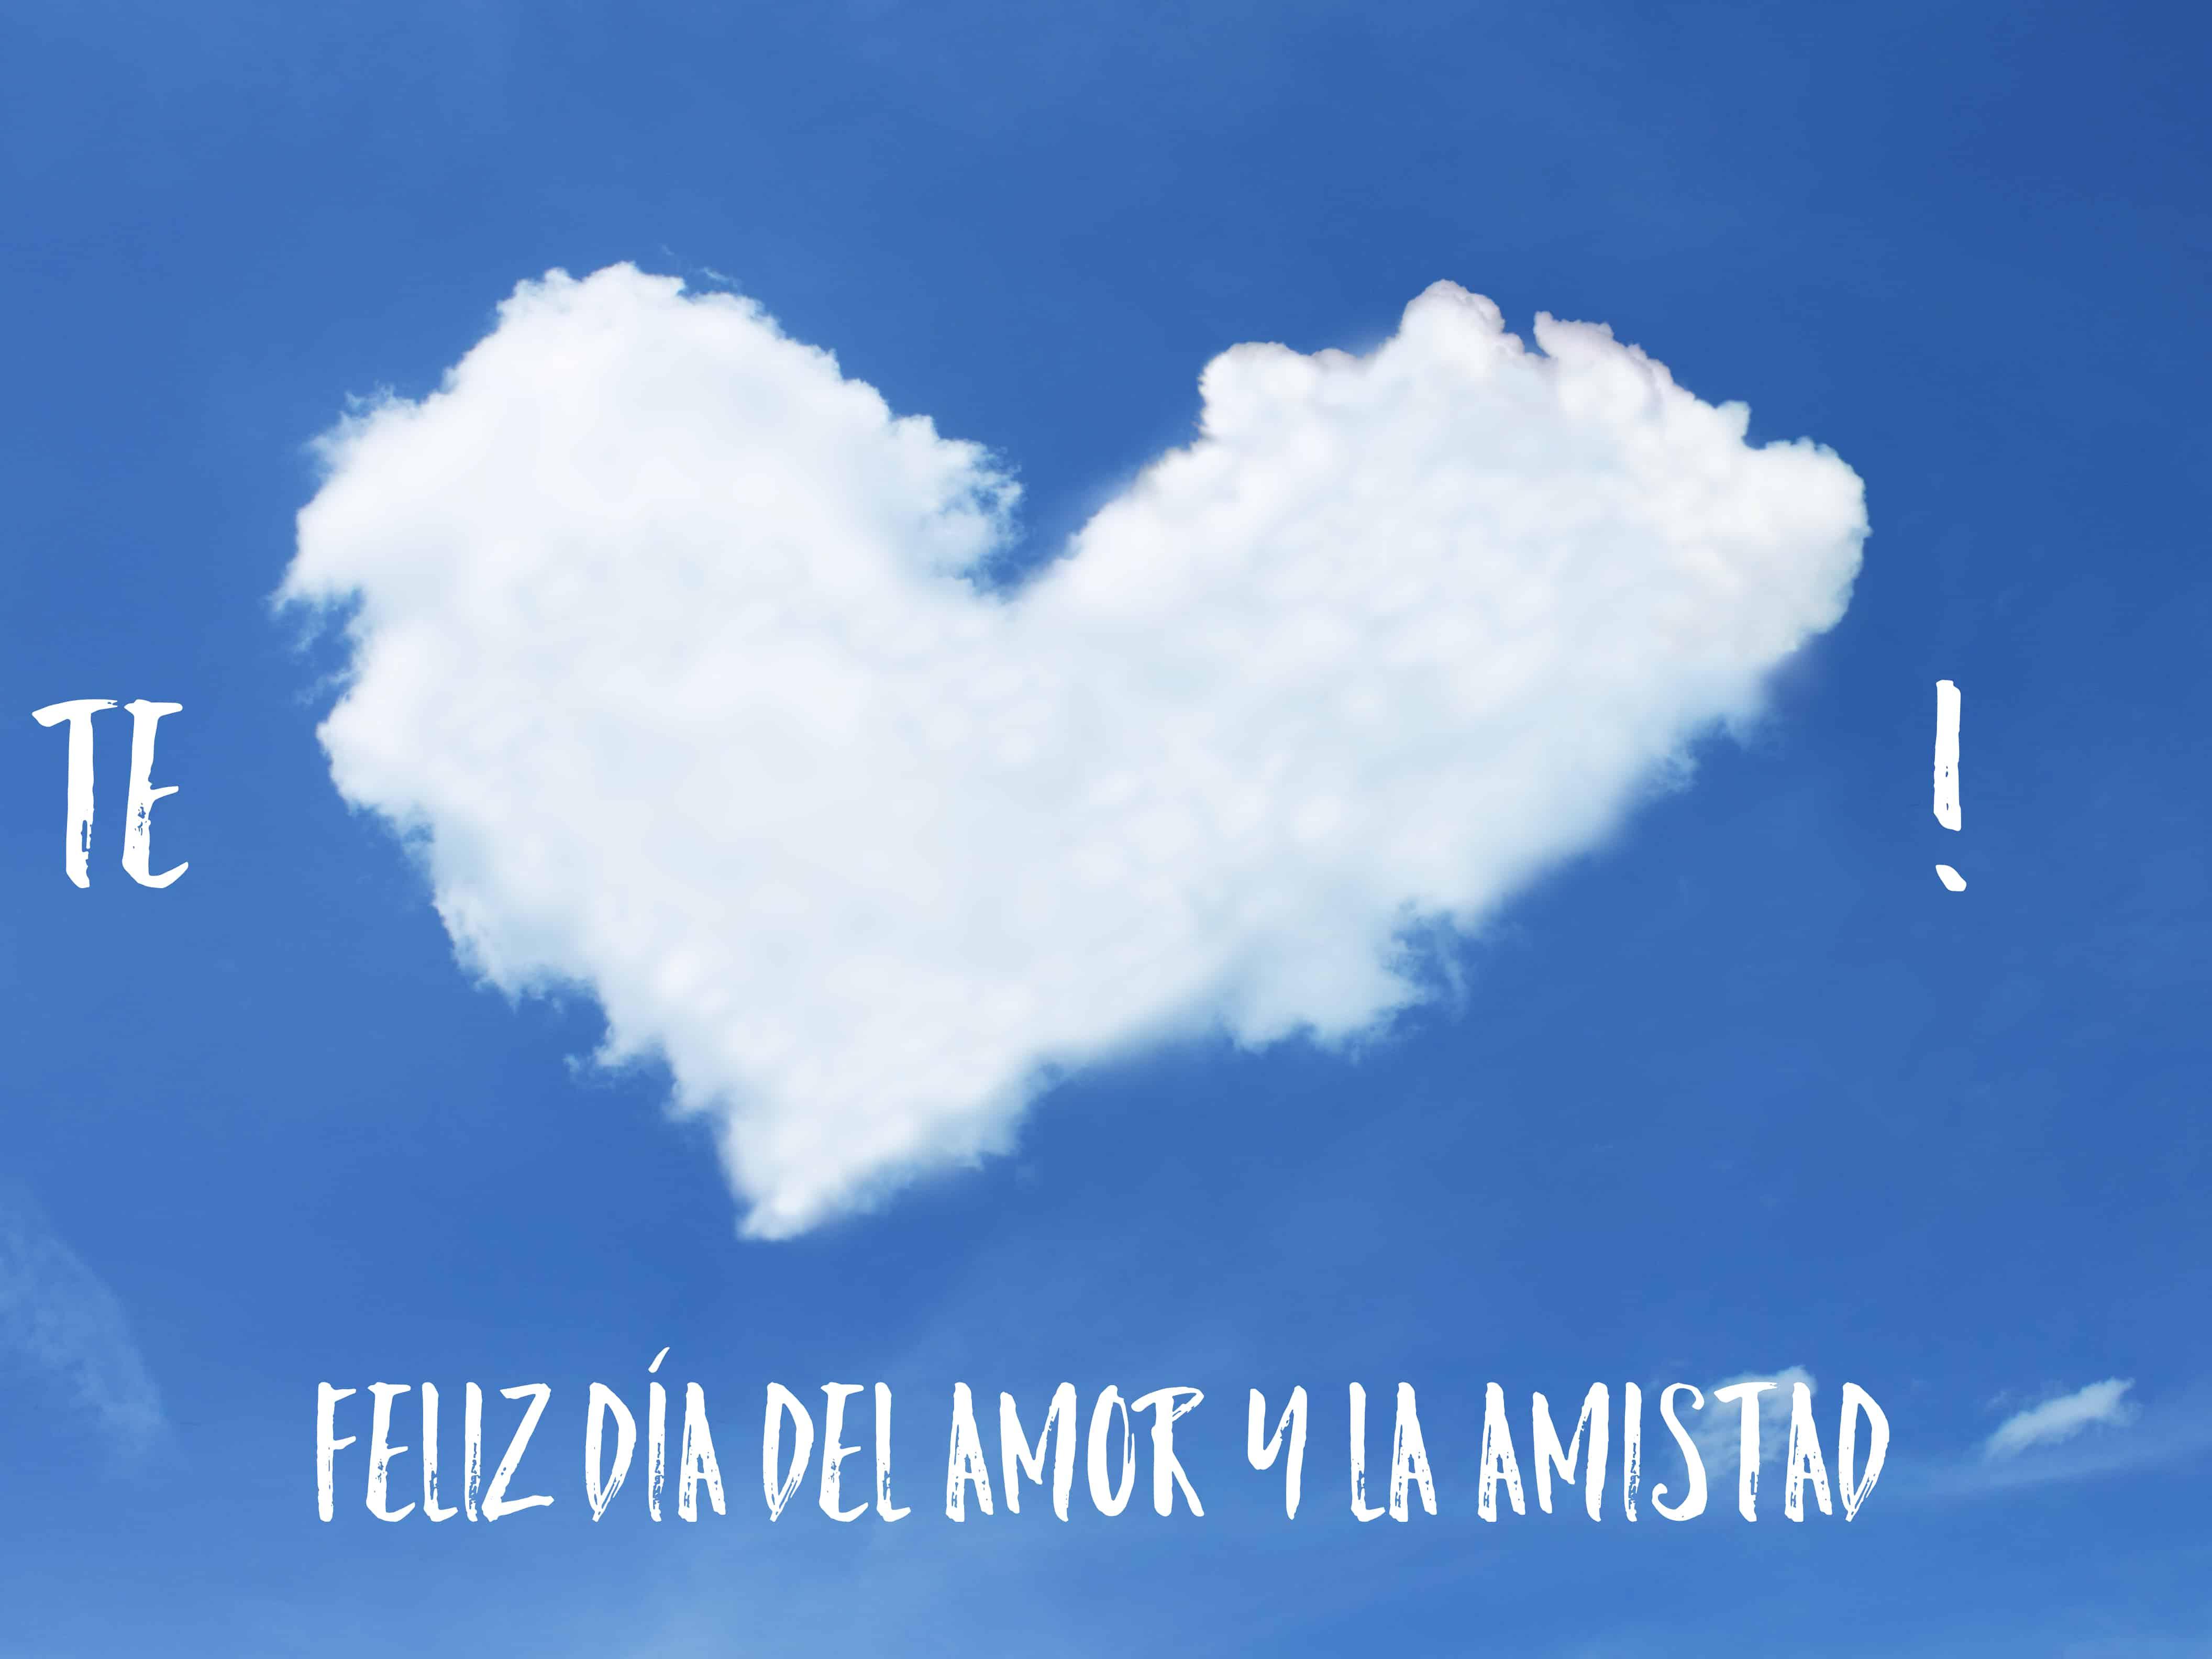 Tarjetas gratis para el día del amor y la amistad - Hispana Global